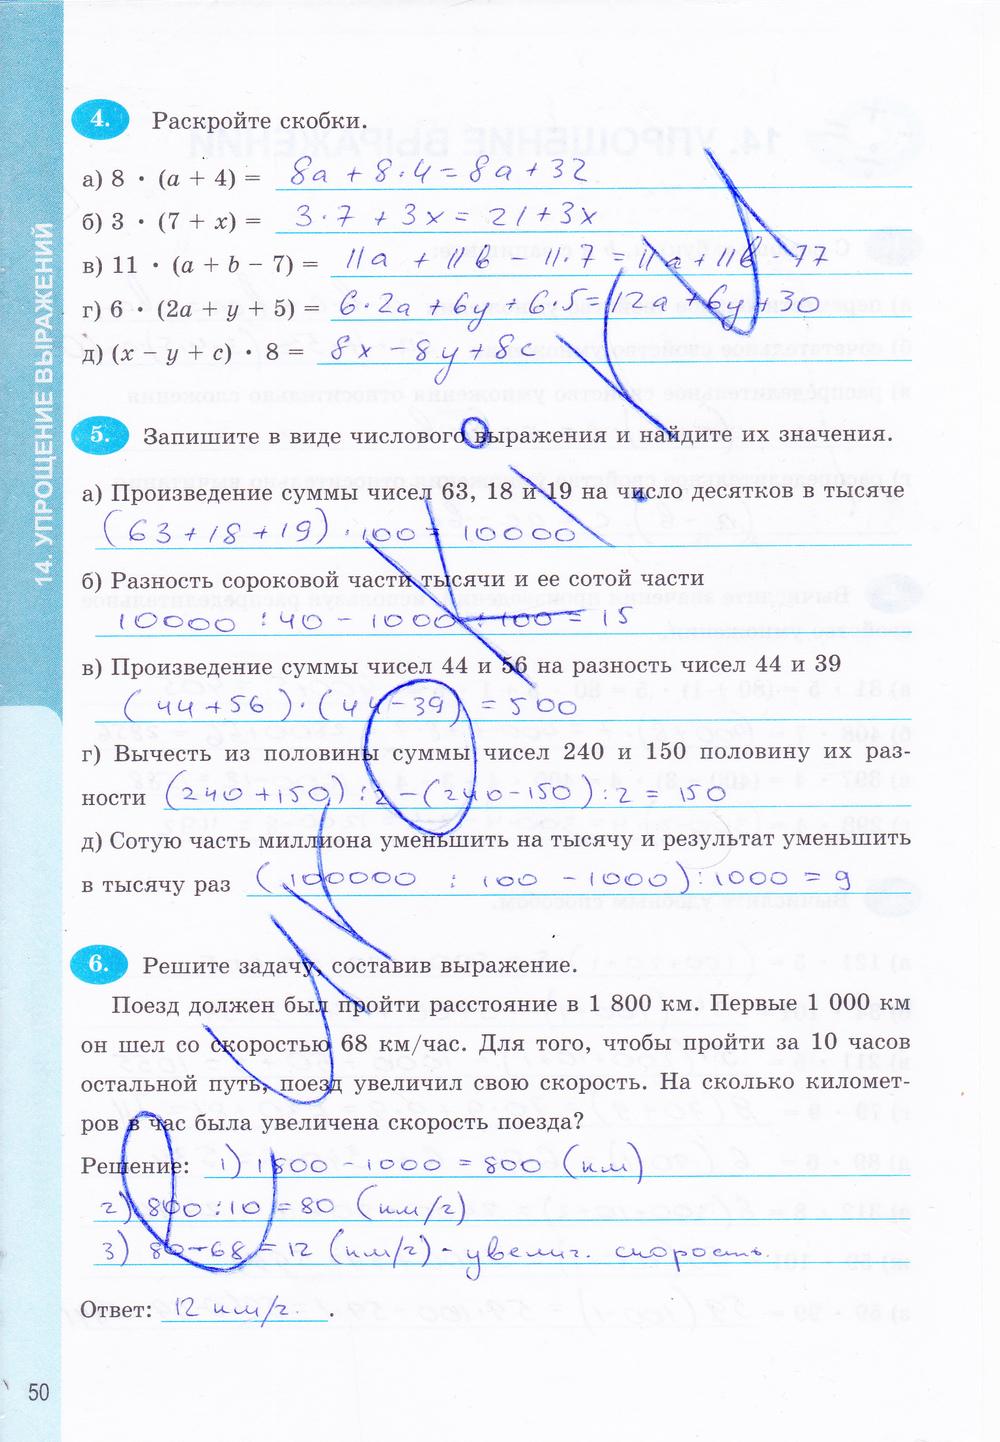 Решебник по математике рабочая тетрадь на печатной основе 5 класс т.м.ерина